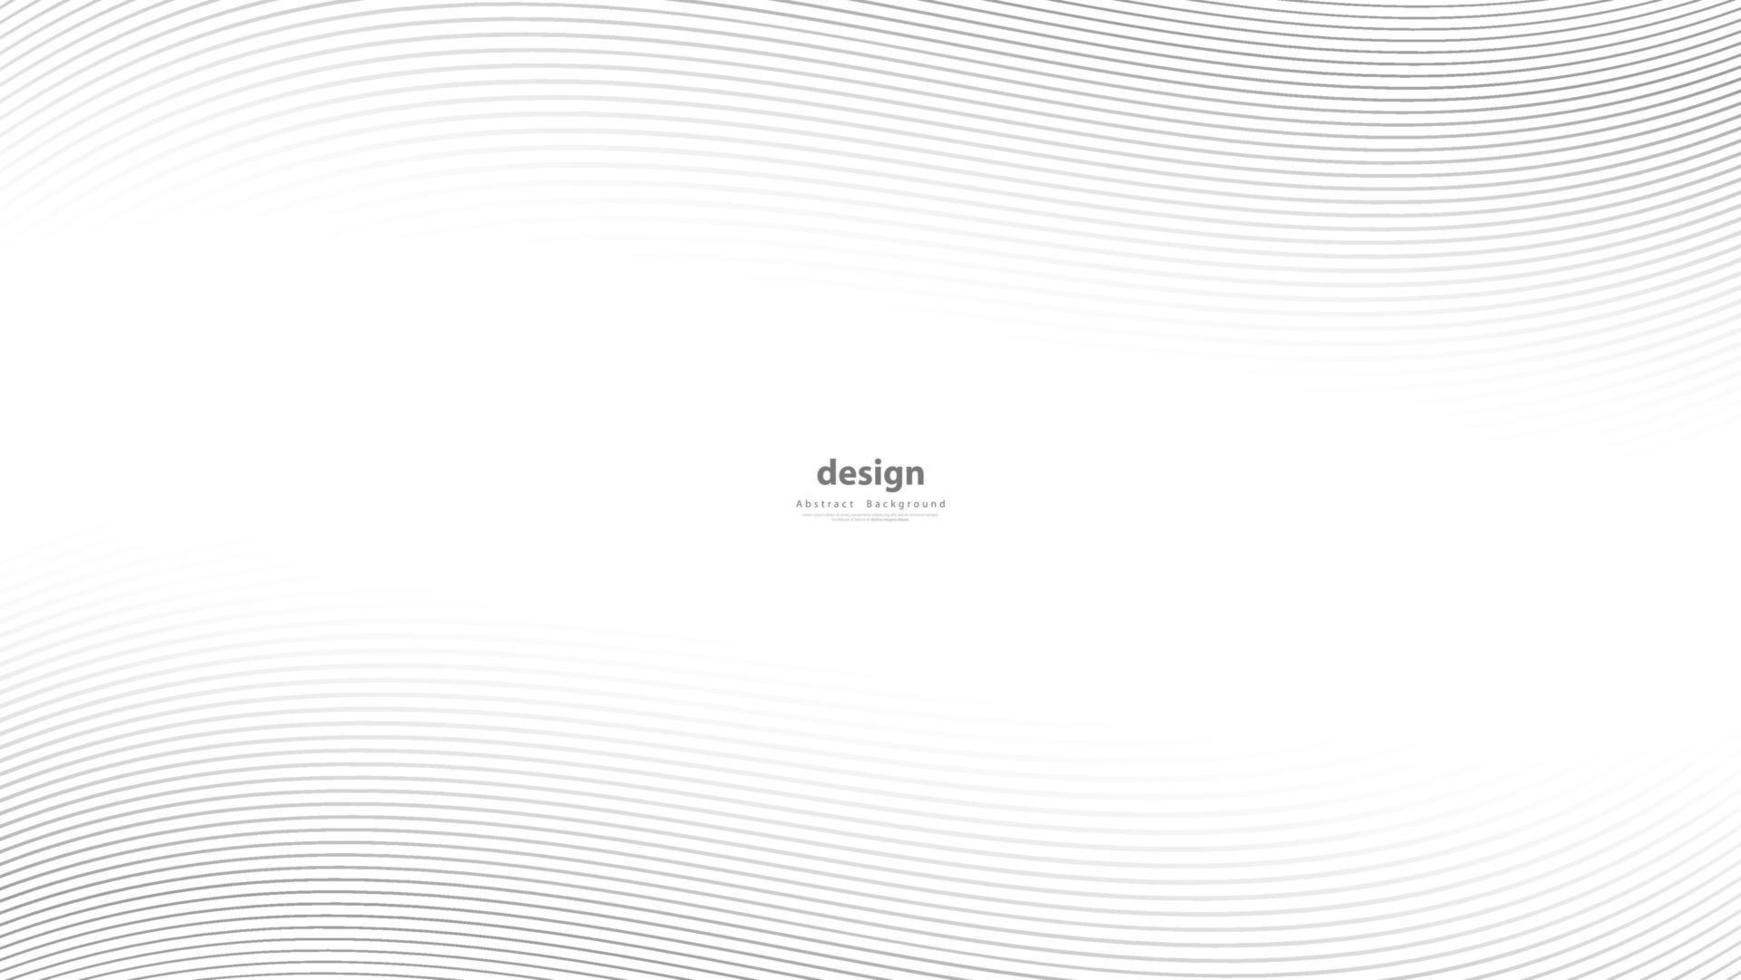 astratto sfondo deformato a strisce diagonali. vettore curvo inclinato contorto, motivo a linee ondulate. stile nuovo di zecca per il tuo business design